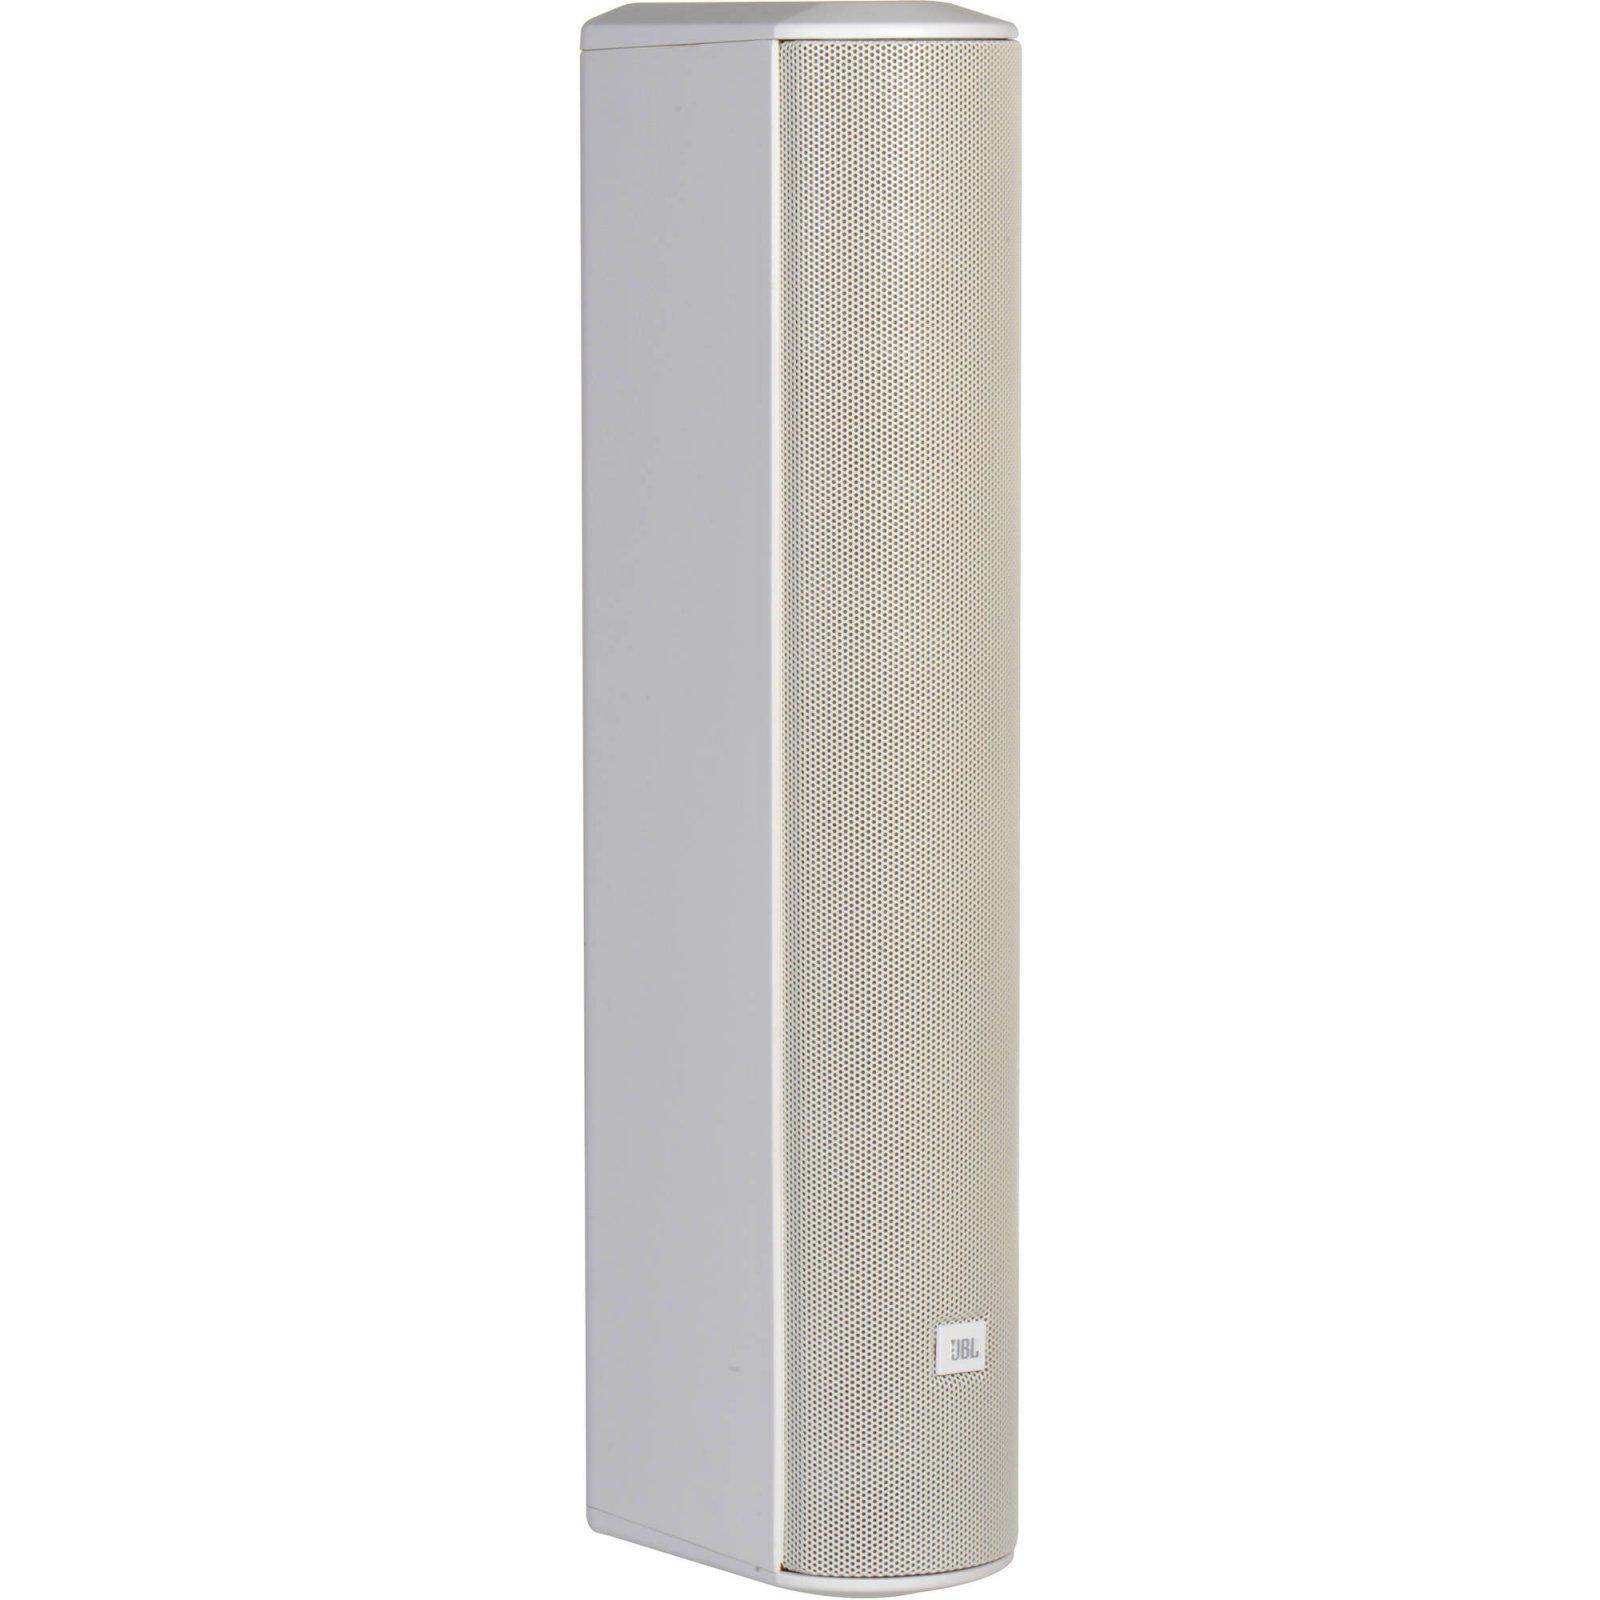 JBL CBT 50LA-1-WH Line Array Column Loudspeaker (White)